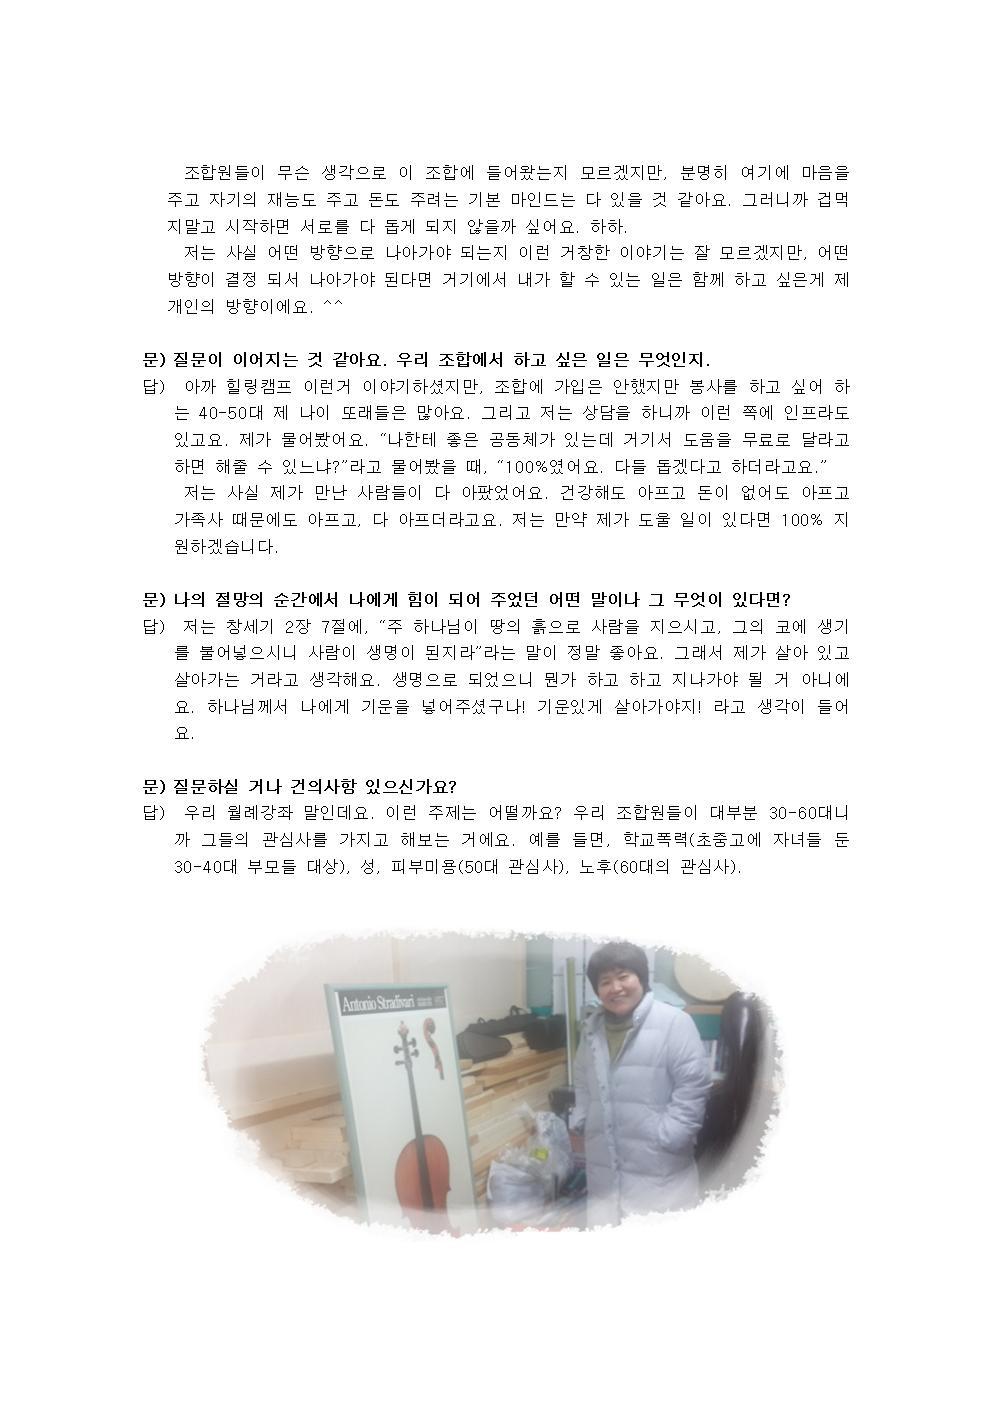 윤선주 조합원님과 담소002.jpg